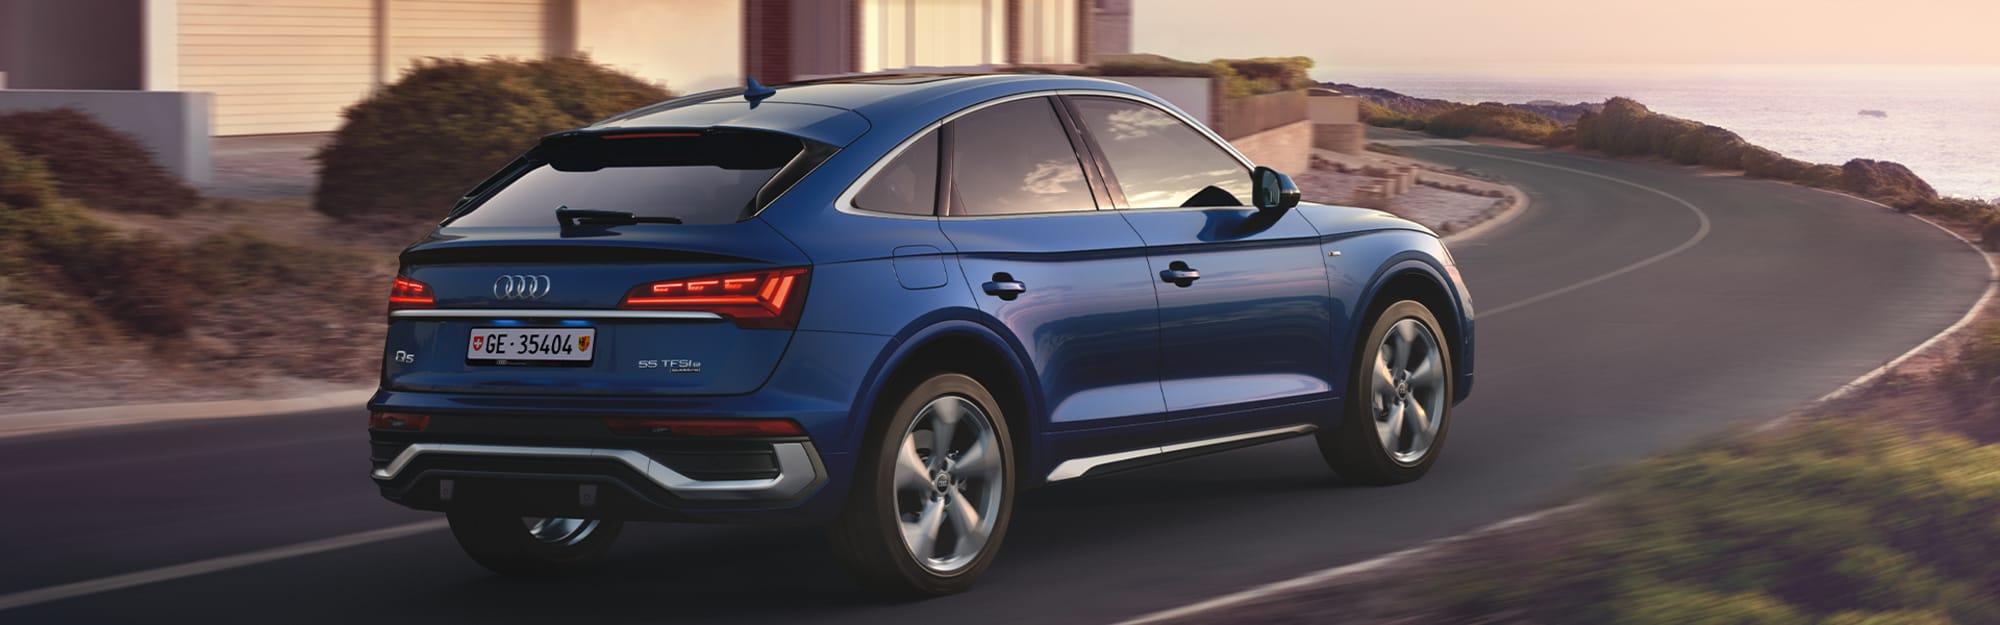 Audi_Q5SB_TFSIe_Fahrend_Haendlerwebseite_1920x600px_f